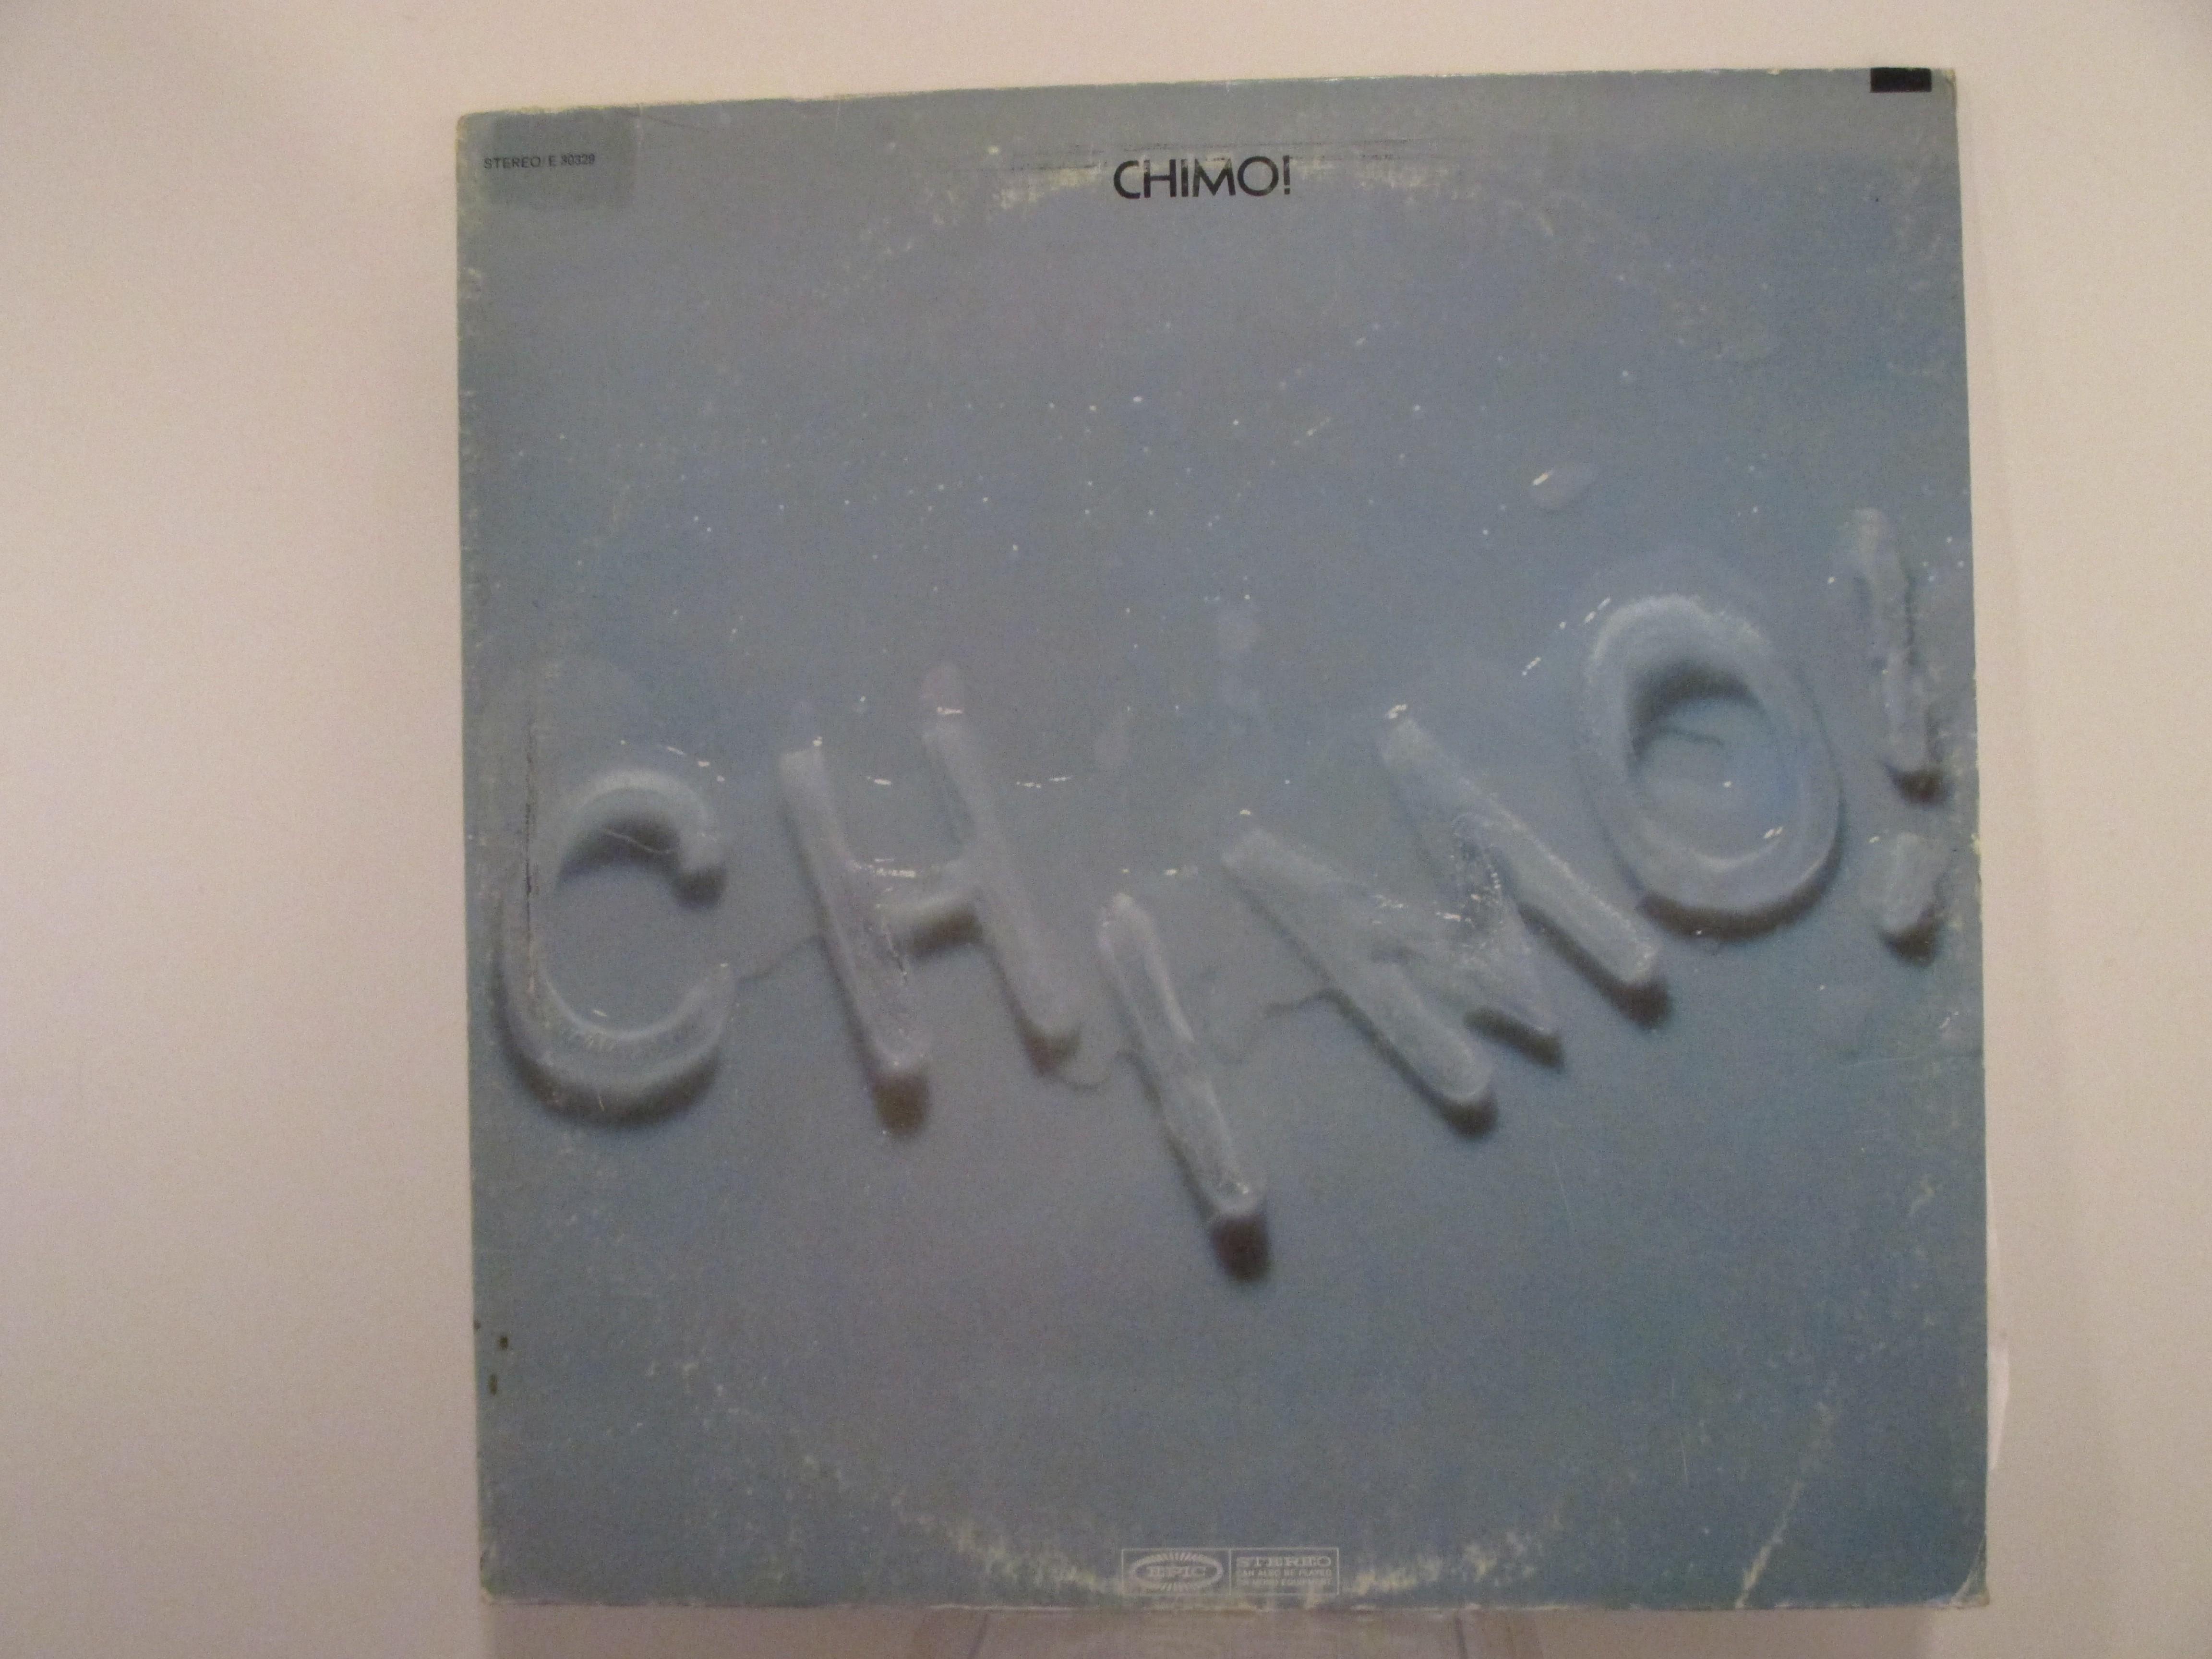 """CHIMO : """"Chimo!"""""""